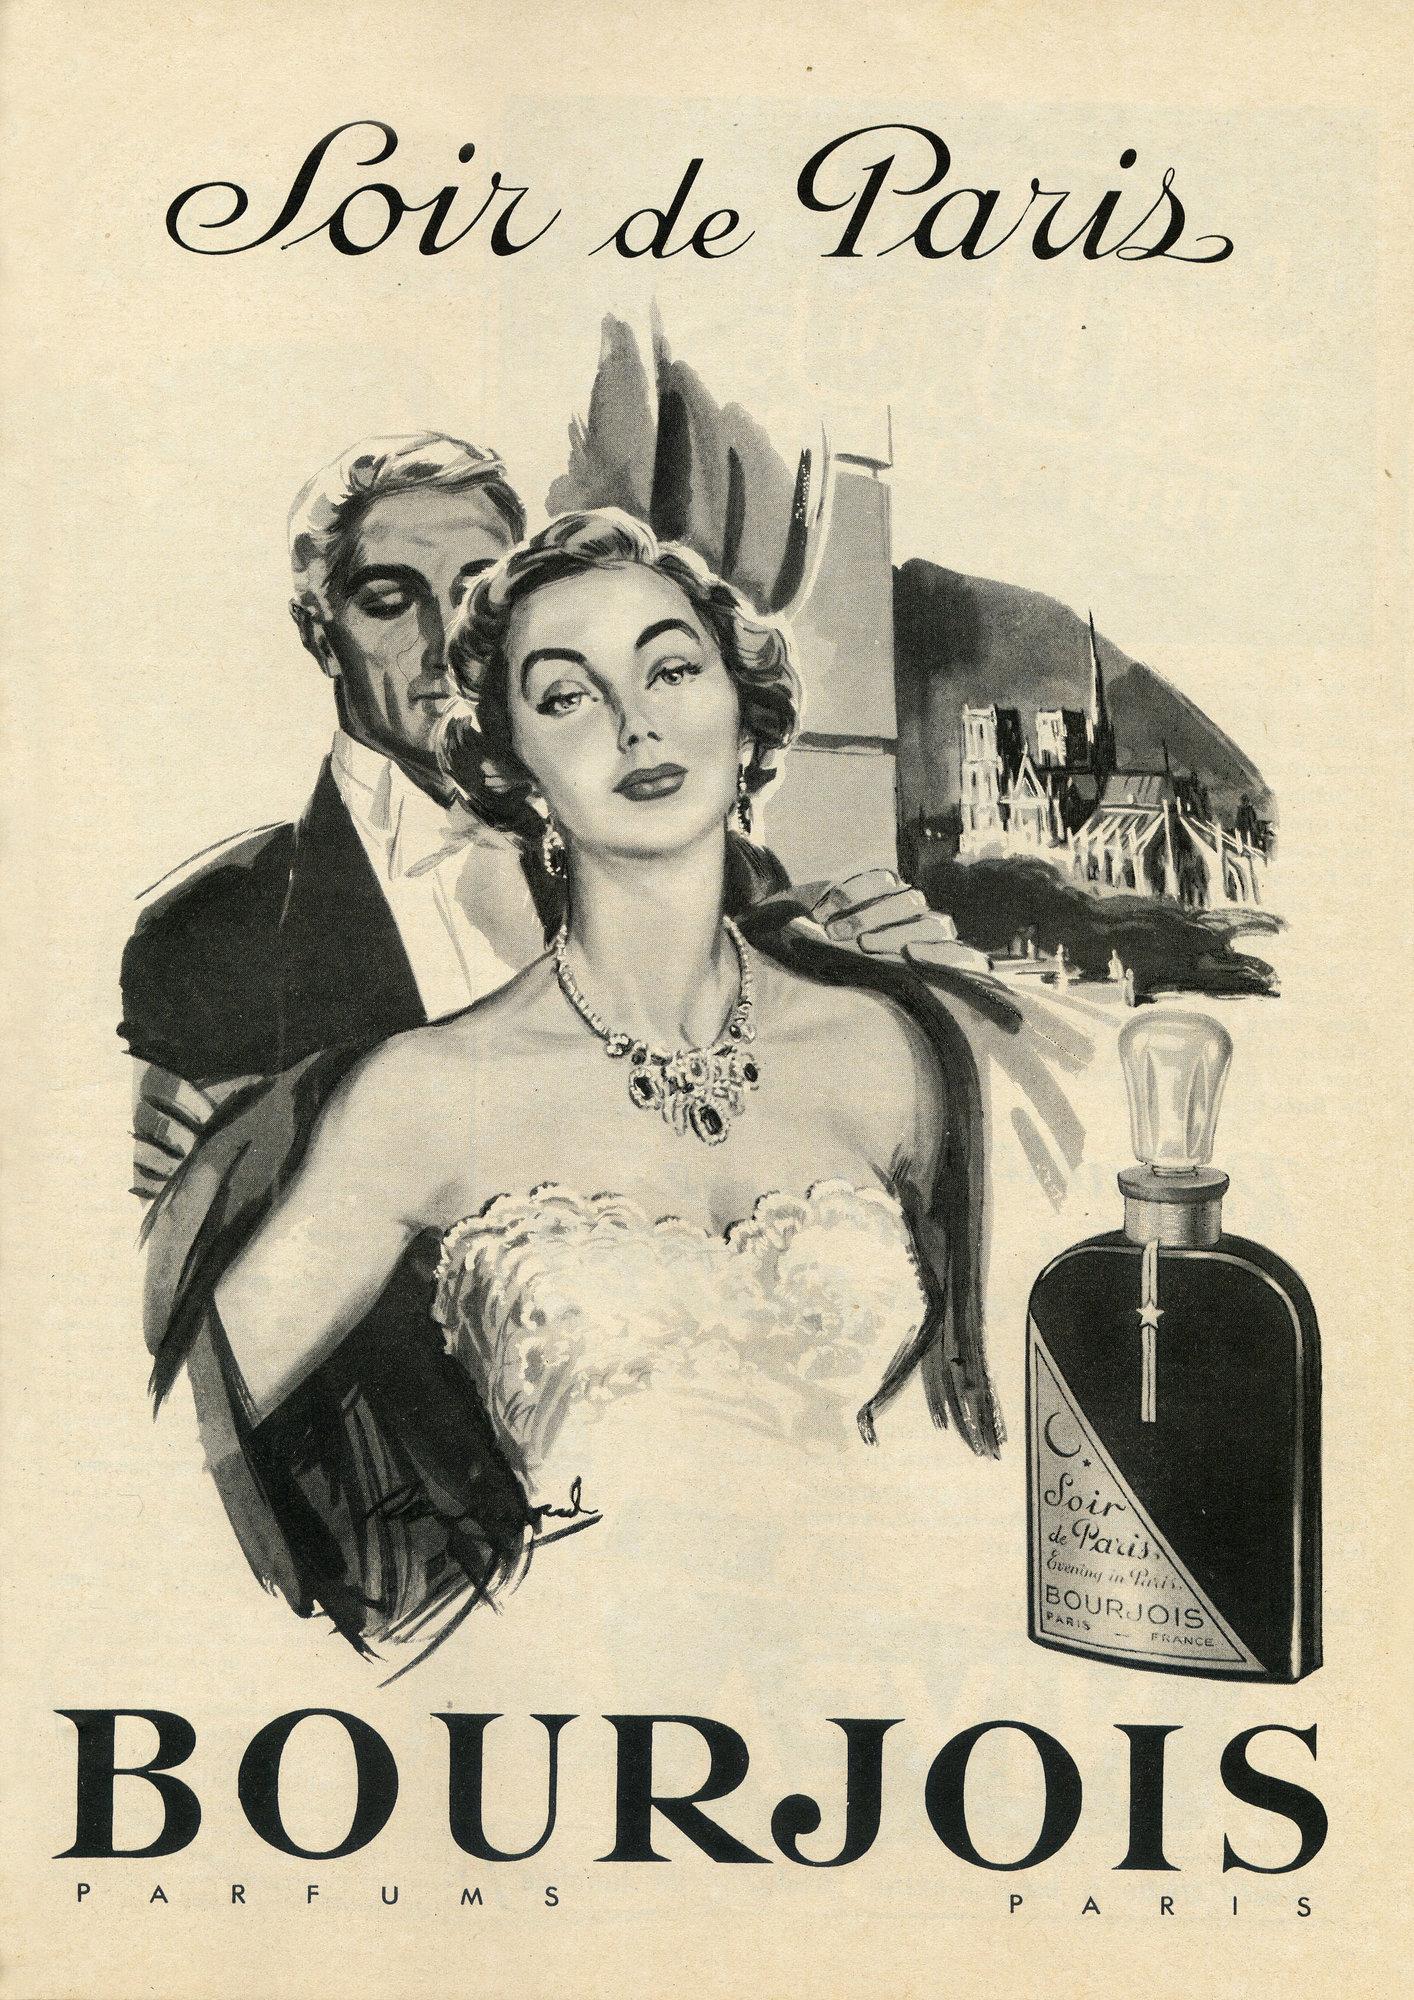 publicité parfum Bourgeois Soir de Paris 1954